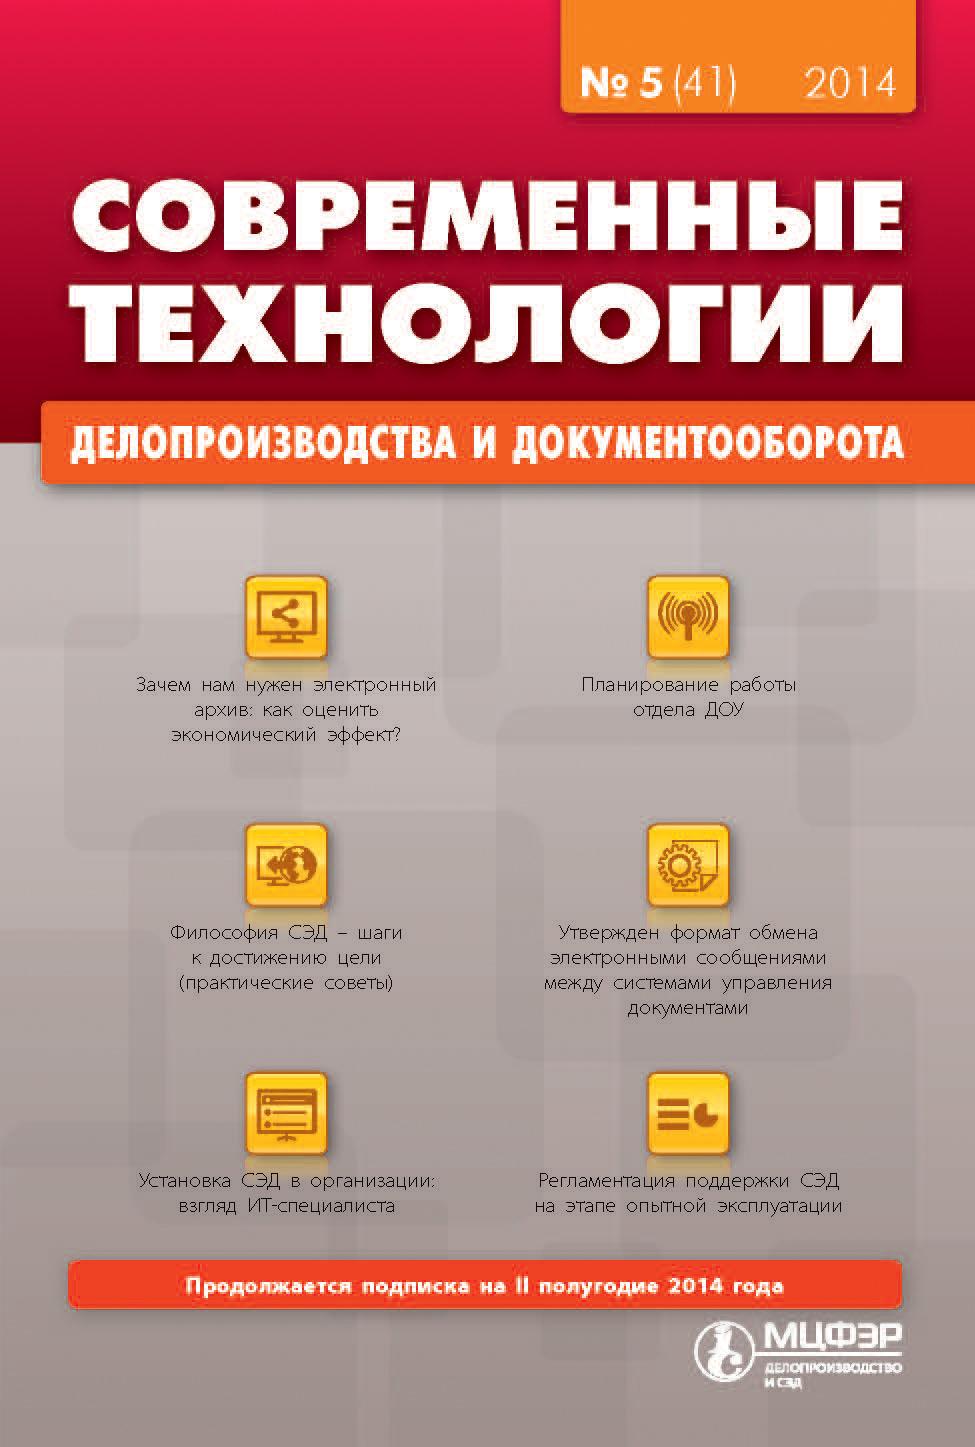 Современные технологии делопроизводства и документооборота № 5 (41) 2014